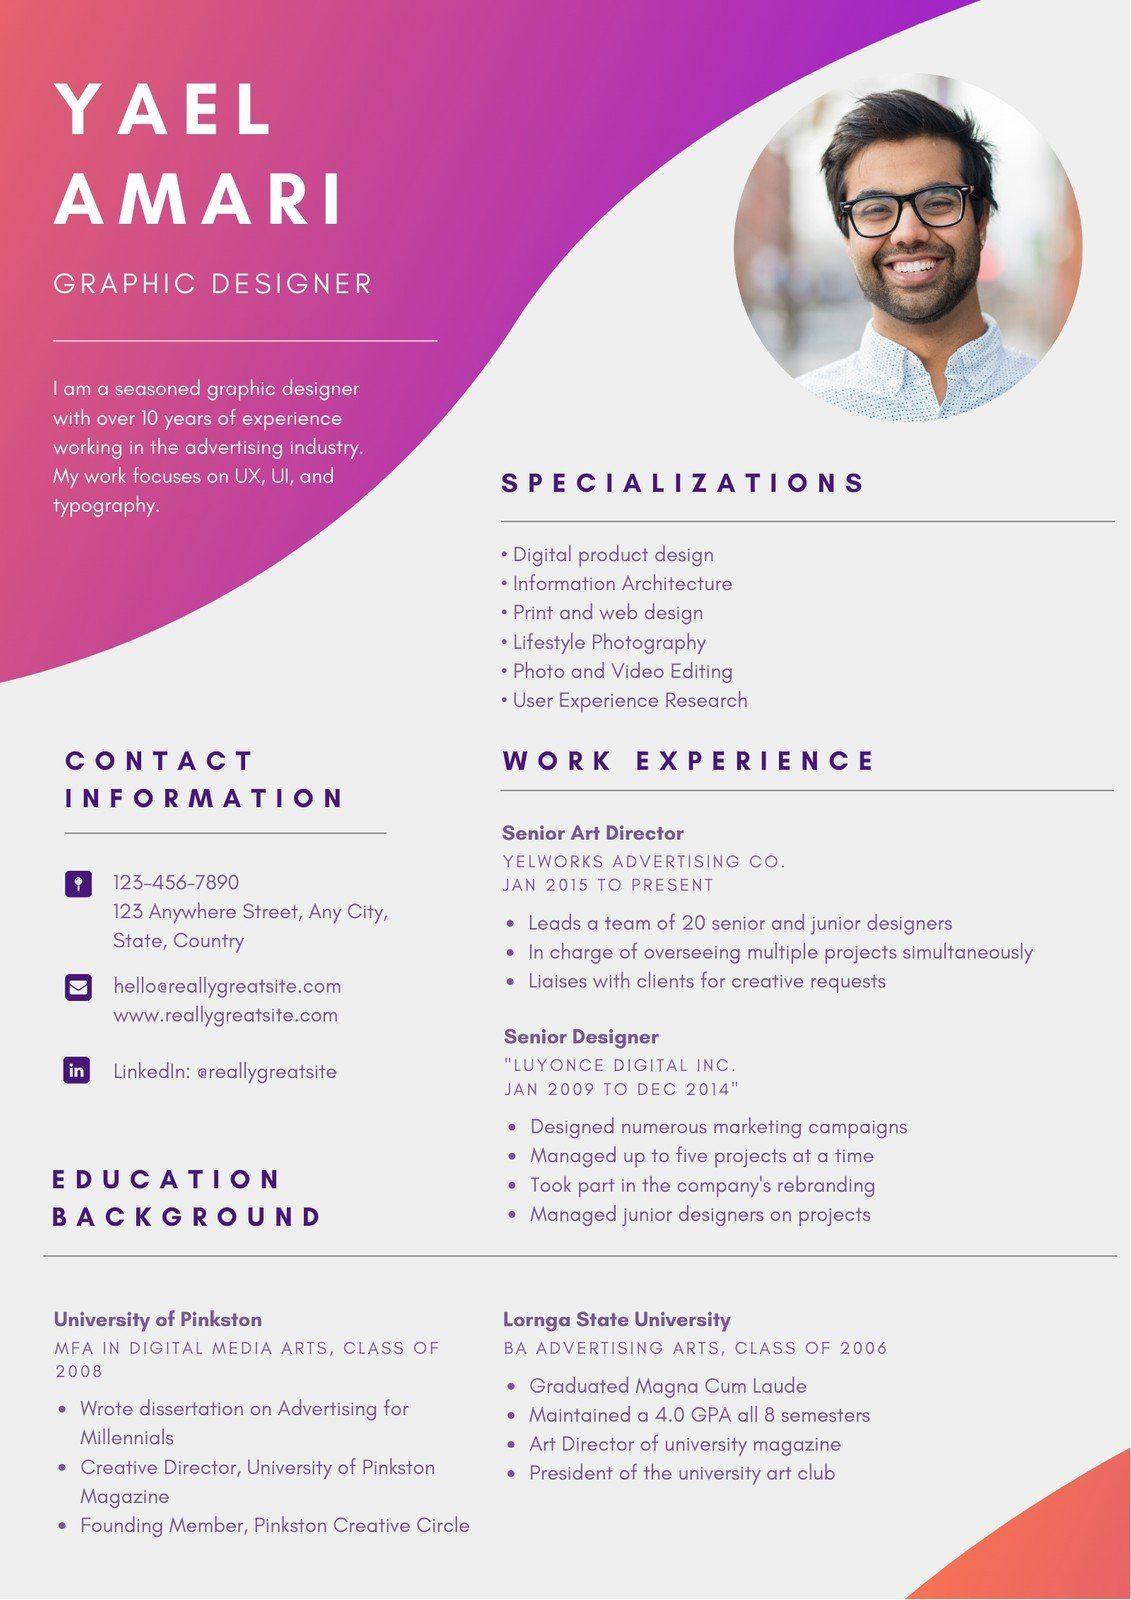 Colorful Gradient Graphic Designer Resume Templates By Canva Ad Graphic Graphic Design Resume Graphic Designer Resume Template Graphic Design Curriculum